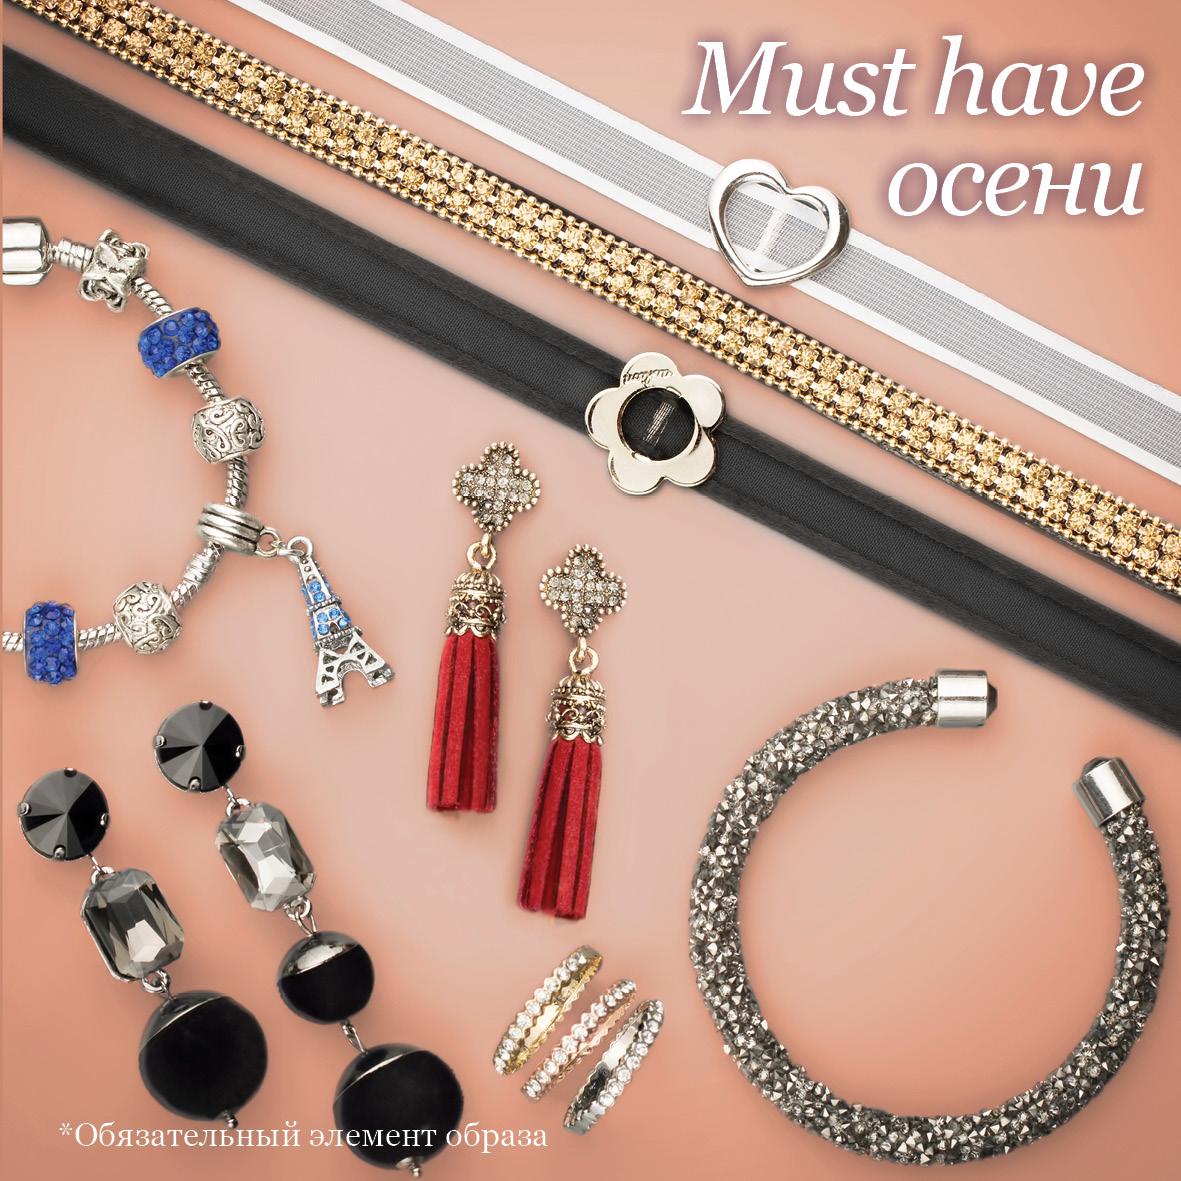 Кольца, браслеты, украшения в магазине Lady Collection